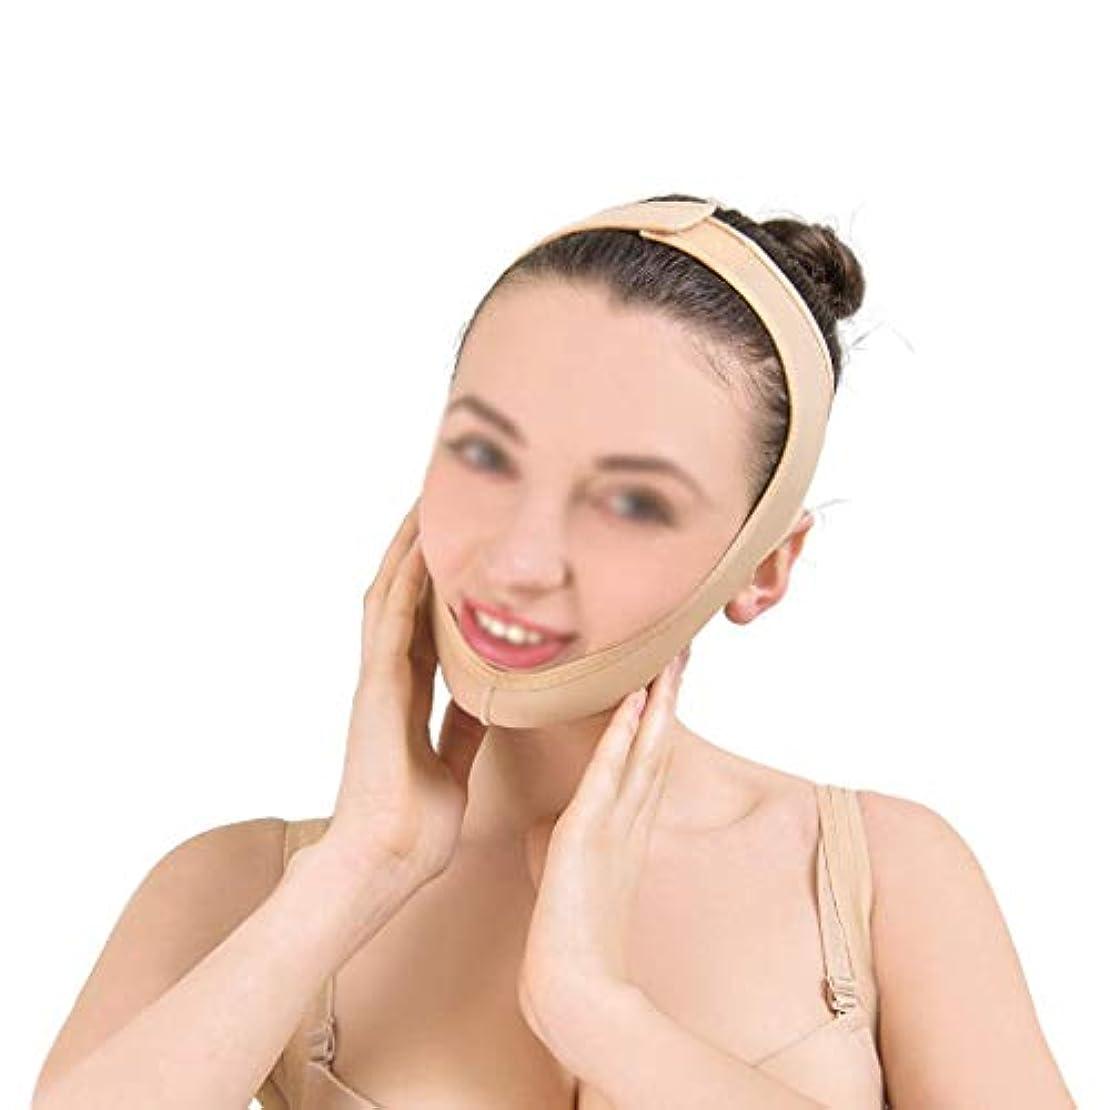 ラウンジ黙認するいつもフェイスシェイピングベルト、肌の包帯を持ち上げて引き締める、フェイスベルトを持ち上げる、快適で フェイシャルリフティングマスク(サイズ:S),M